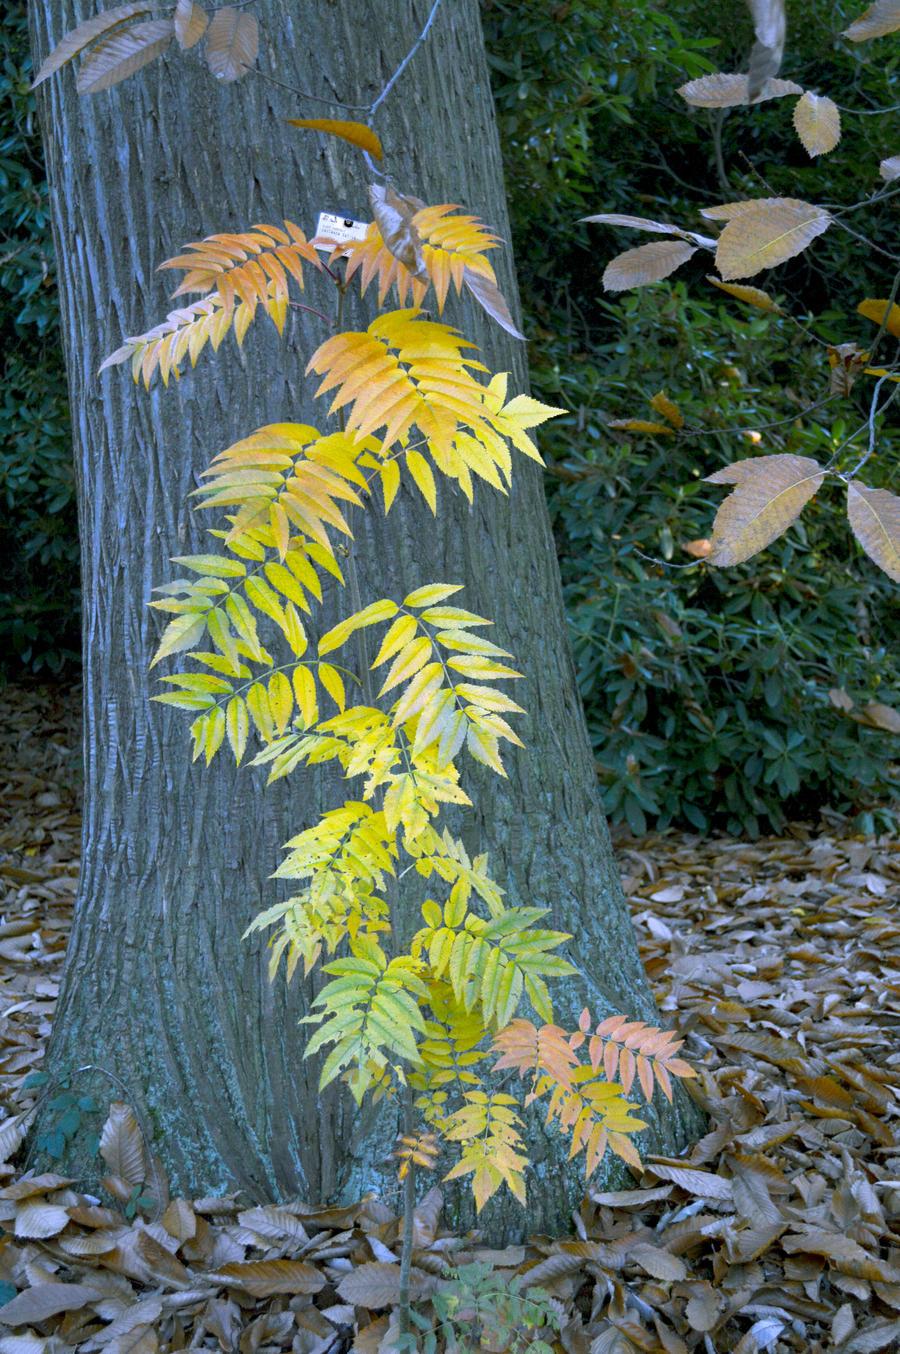 Kew Gardens Ash Sapling Sweet Chestnut Trunk by aegiandyad